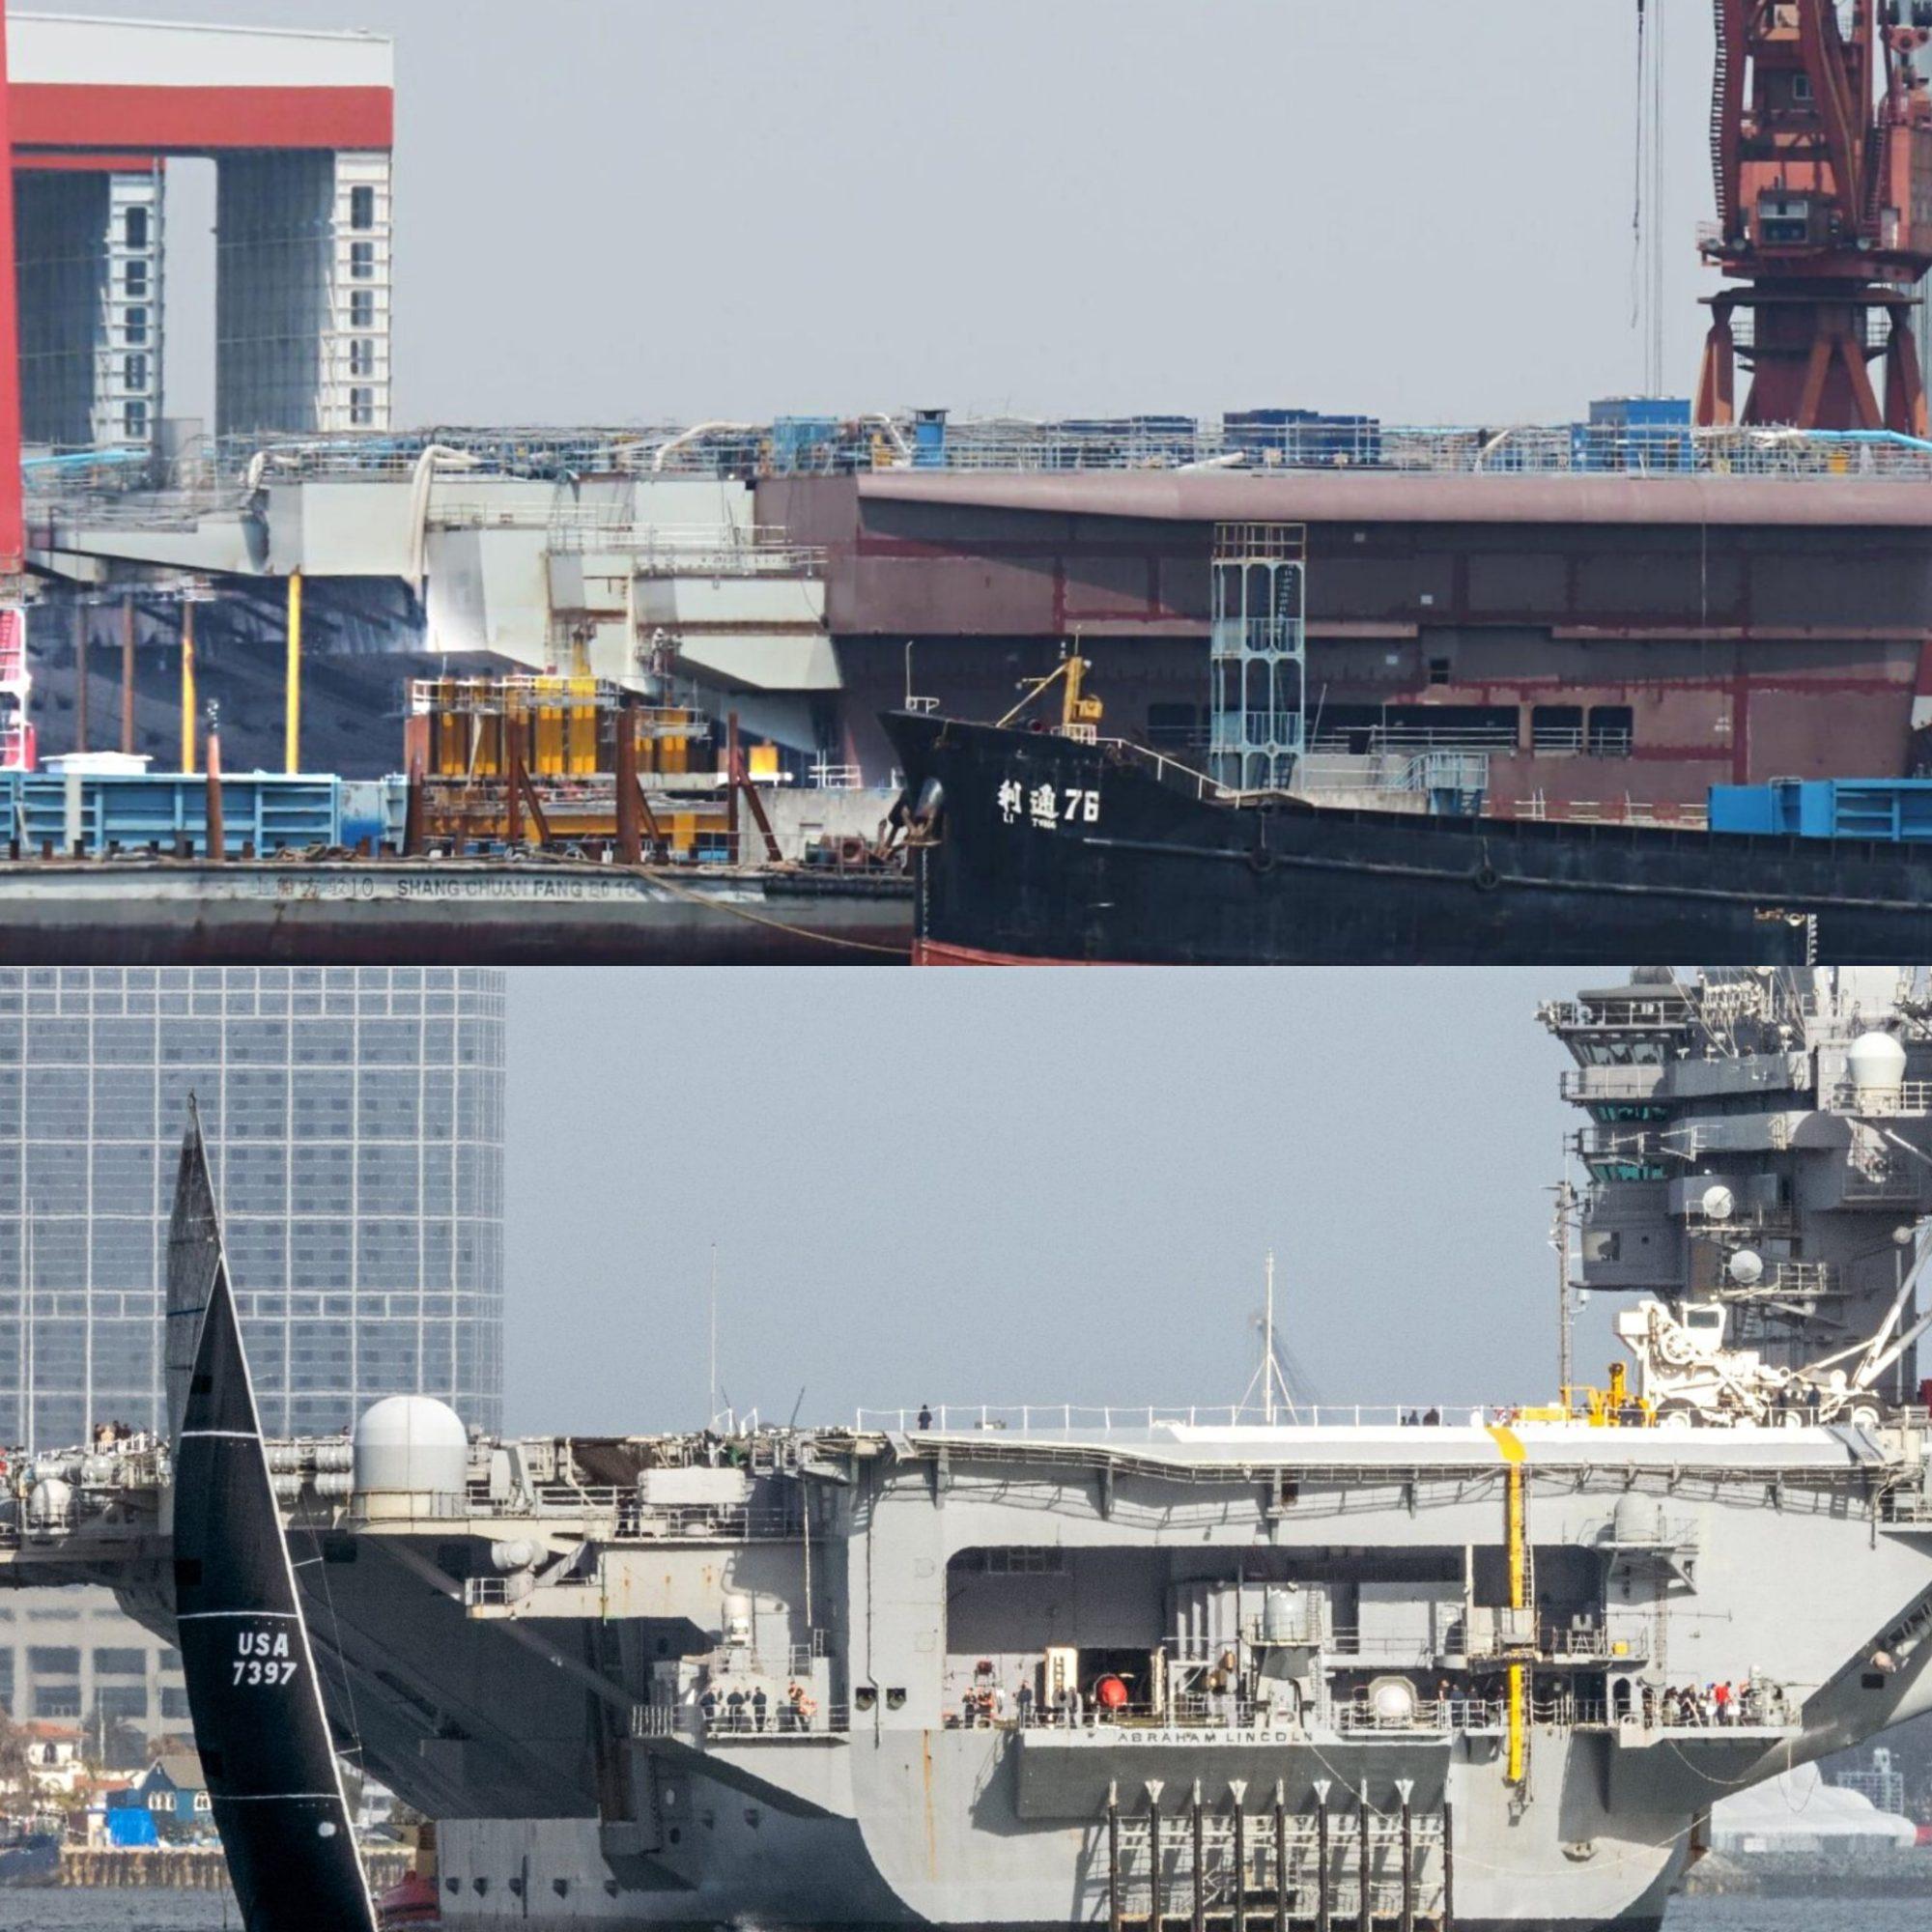 Type 003 acima e um porta-aviões classe Nimitz abaixo